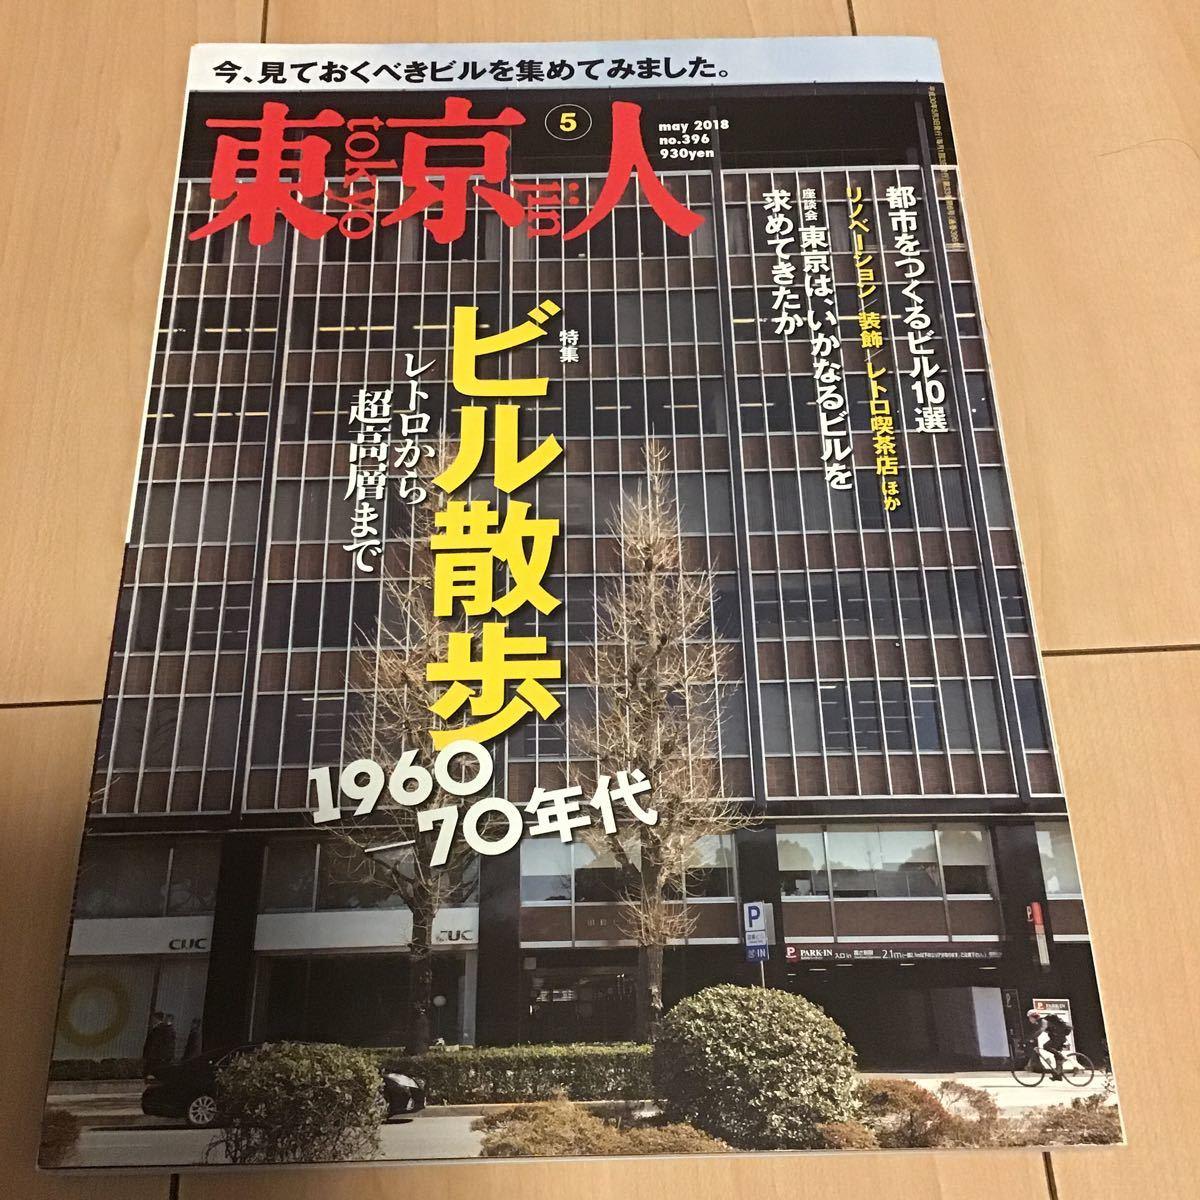 東京人 NO.396 2018年5月号 ビル散歩 1960-1970年代 レトロから超高層まで / 都市をつくるビル10選_画像1